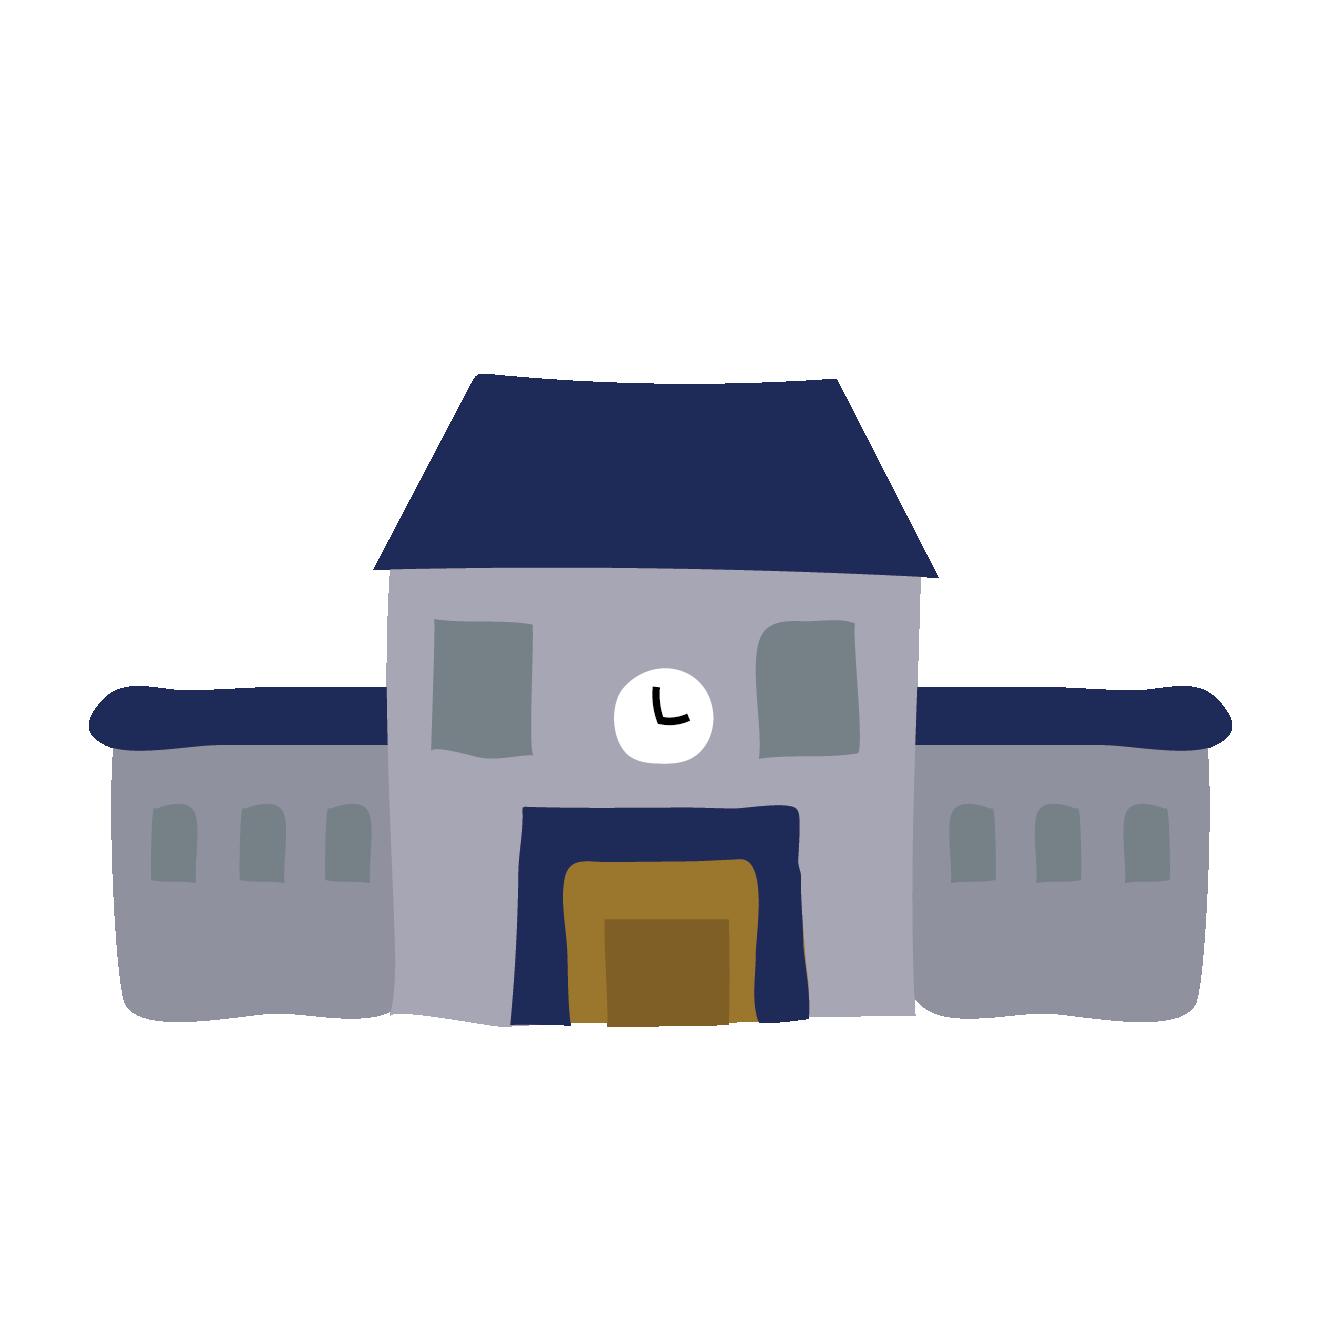 青い屋根の学校(スクール・校舎)のイラスト | 商用フリー(無料)の